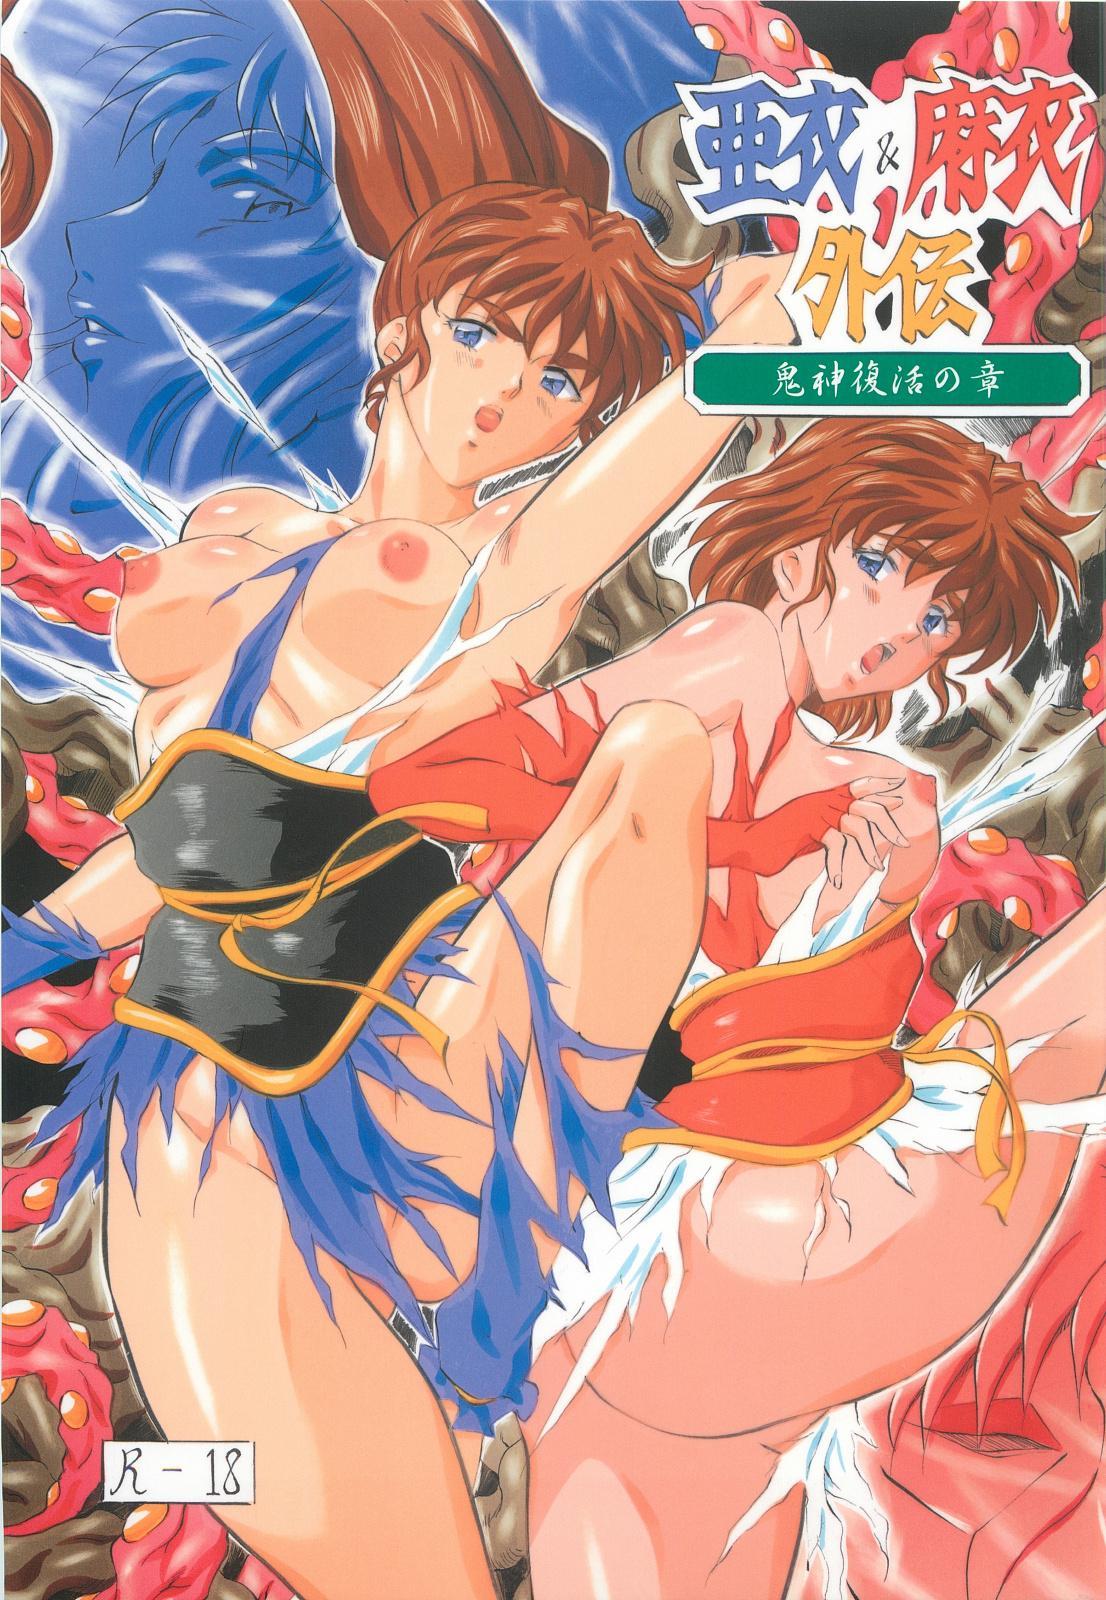 Ai & Mai Gaiden - Kishin Fukkatsu no Shou 0